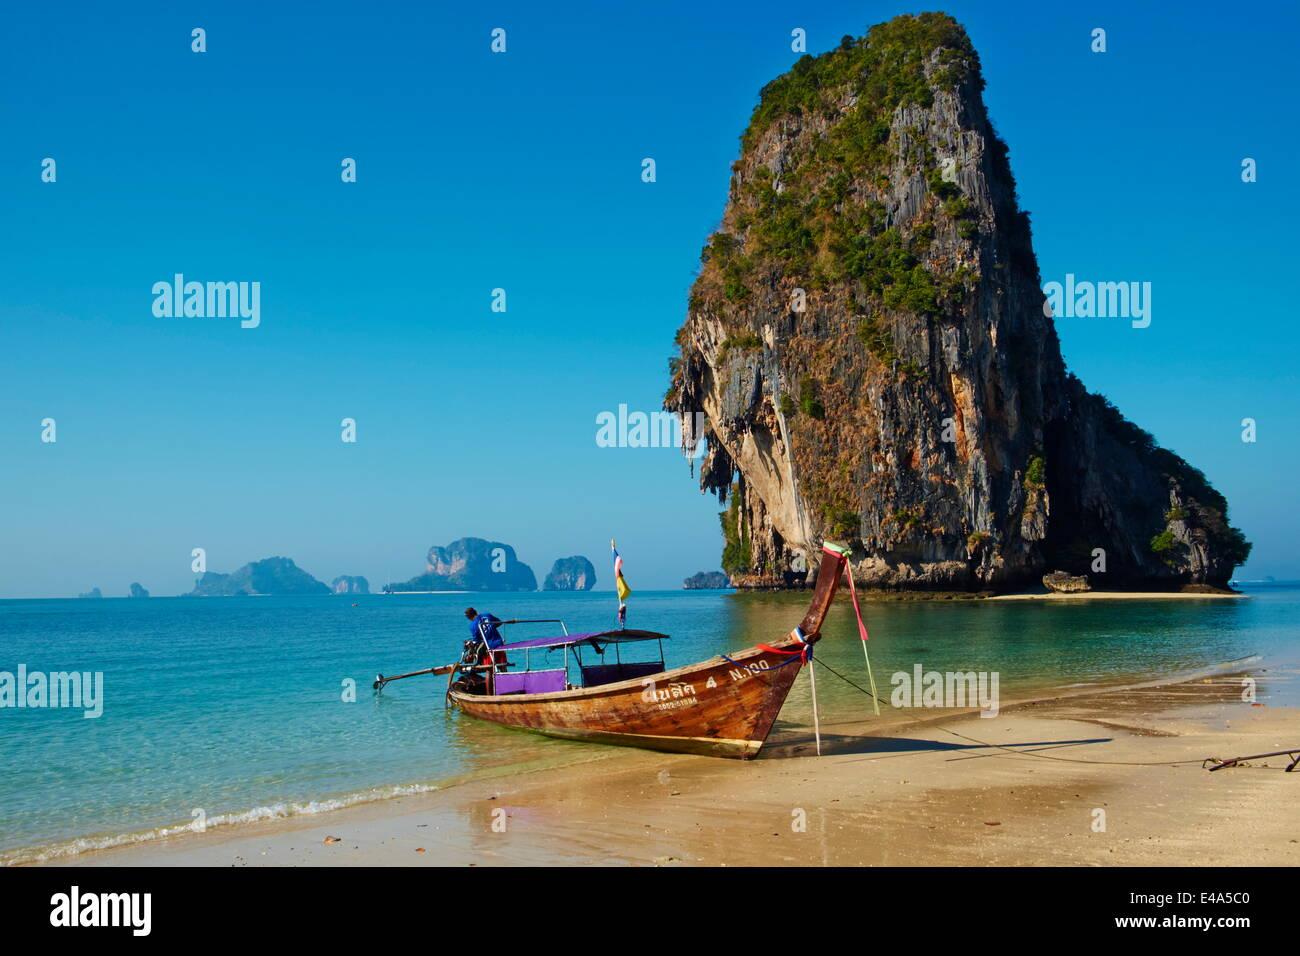 De la Bahía de Ao Phra Nang, PLAYA RAILAY, Hat Tham Phra Nang Beach, de la provincia de Krabi, Tailandia, el sudeste Foto de stock